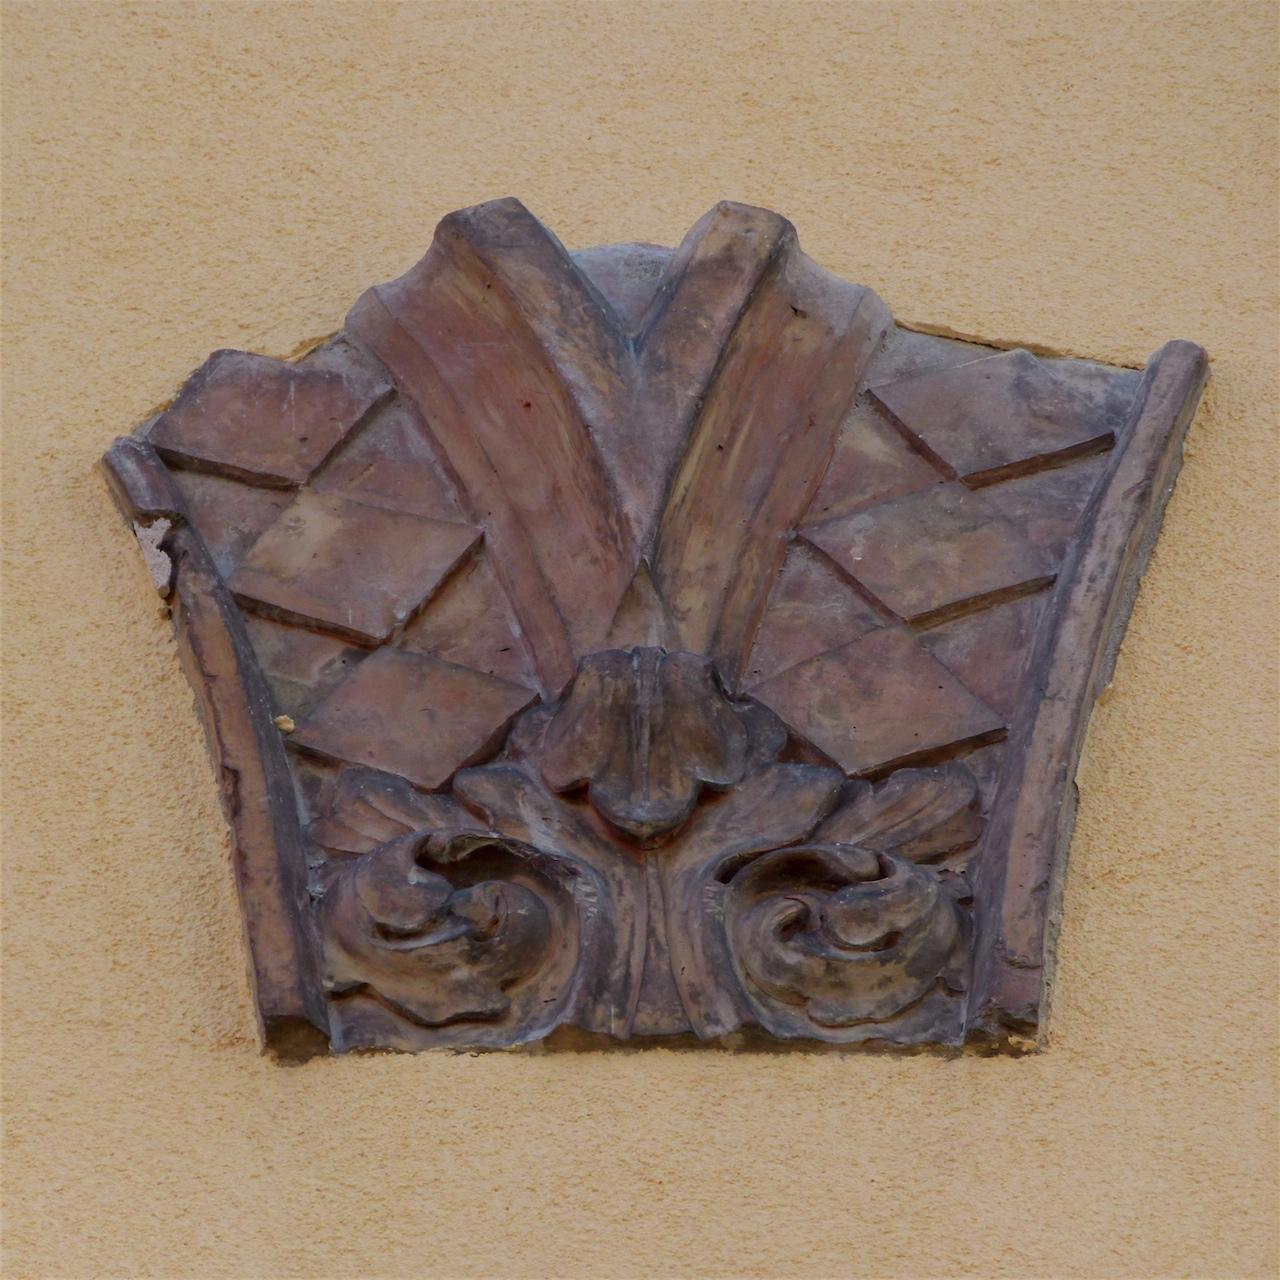 motivi decorativi geometrici e fitomorfi (decorazione plastico-architettonica, elemento d'insieme) - produzione veneziana (sec. XV)